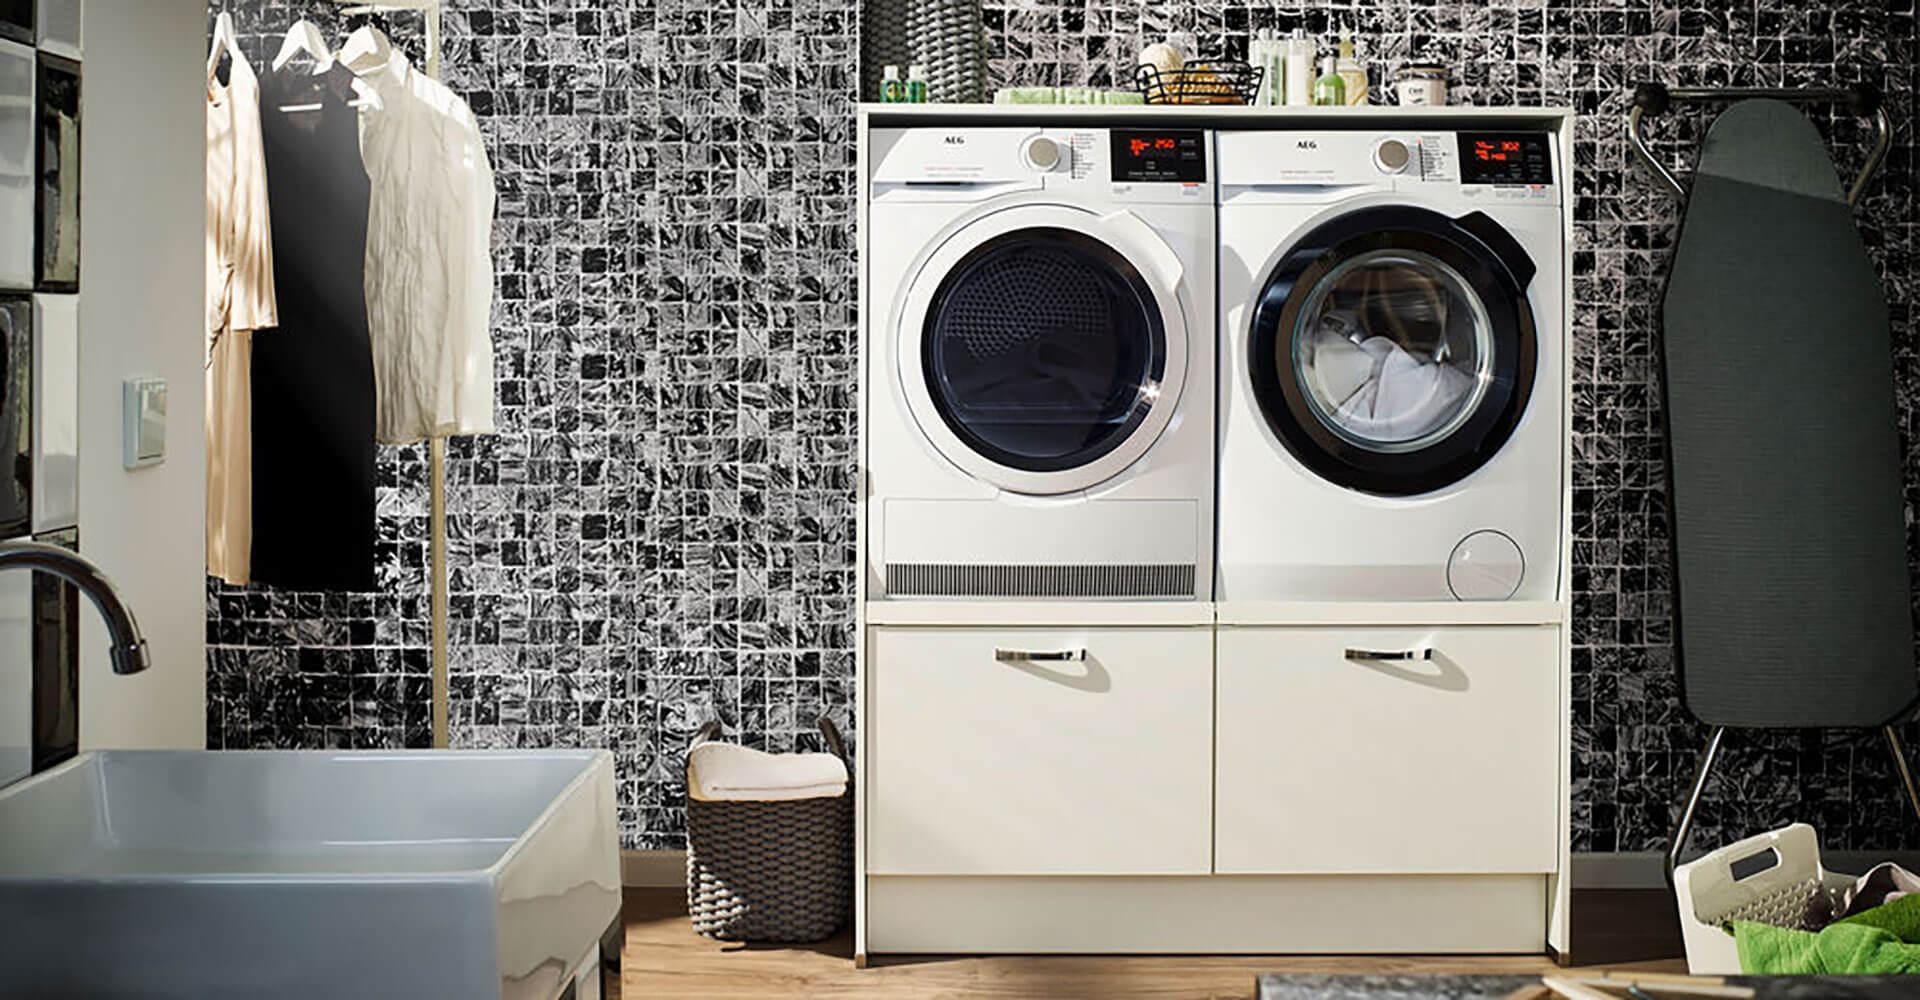 Möbel für Haushaltsraum weiß Wäsche waschen